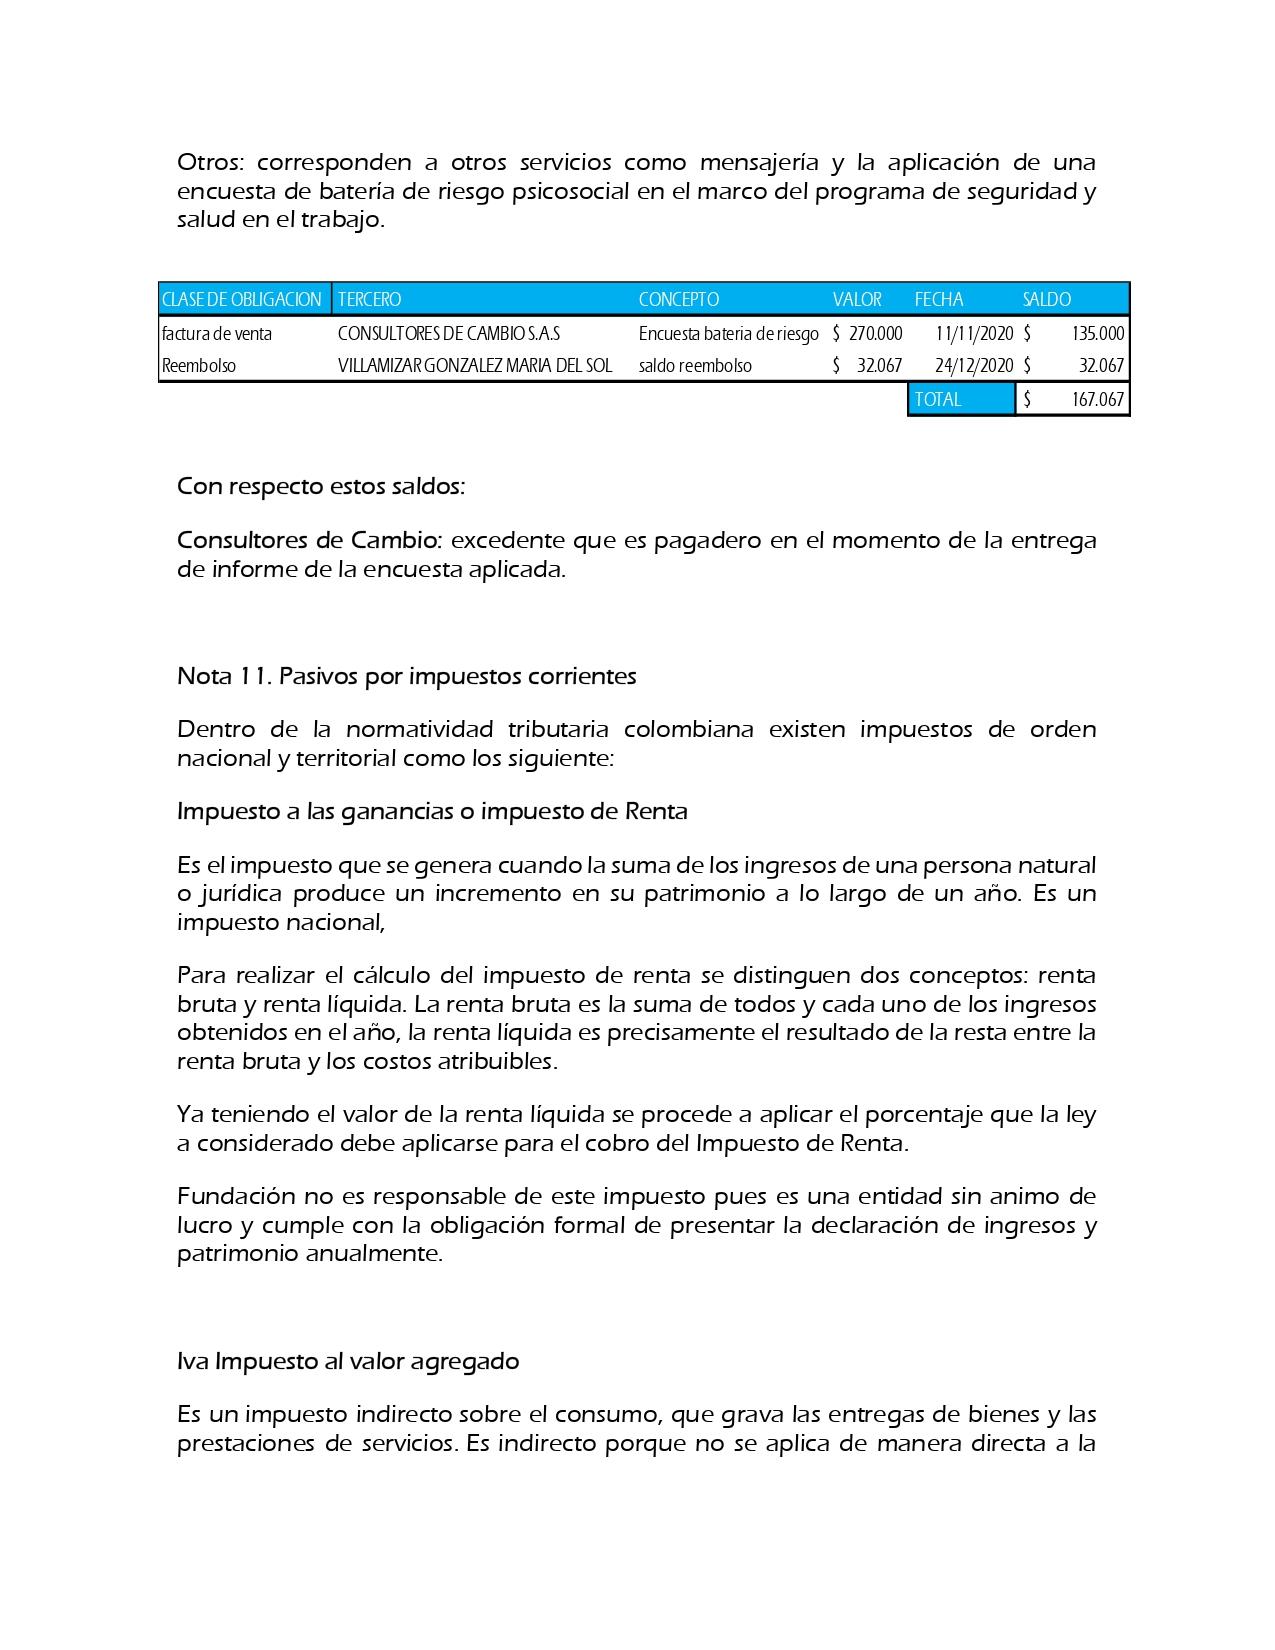 Estados Financieros Fundacion Fundem 2020_page-0023